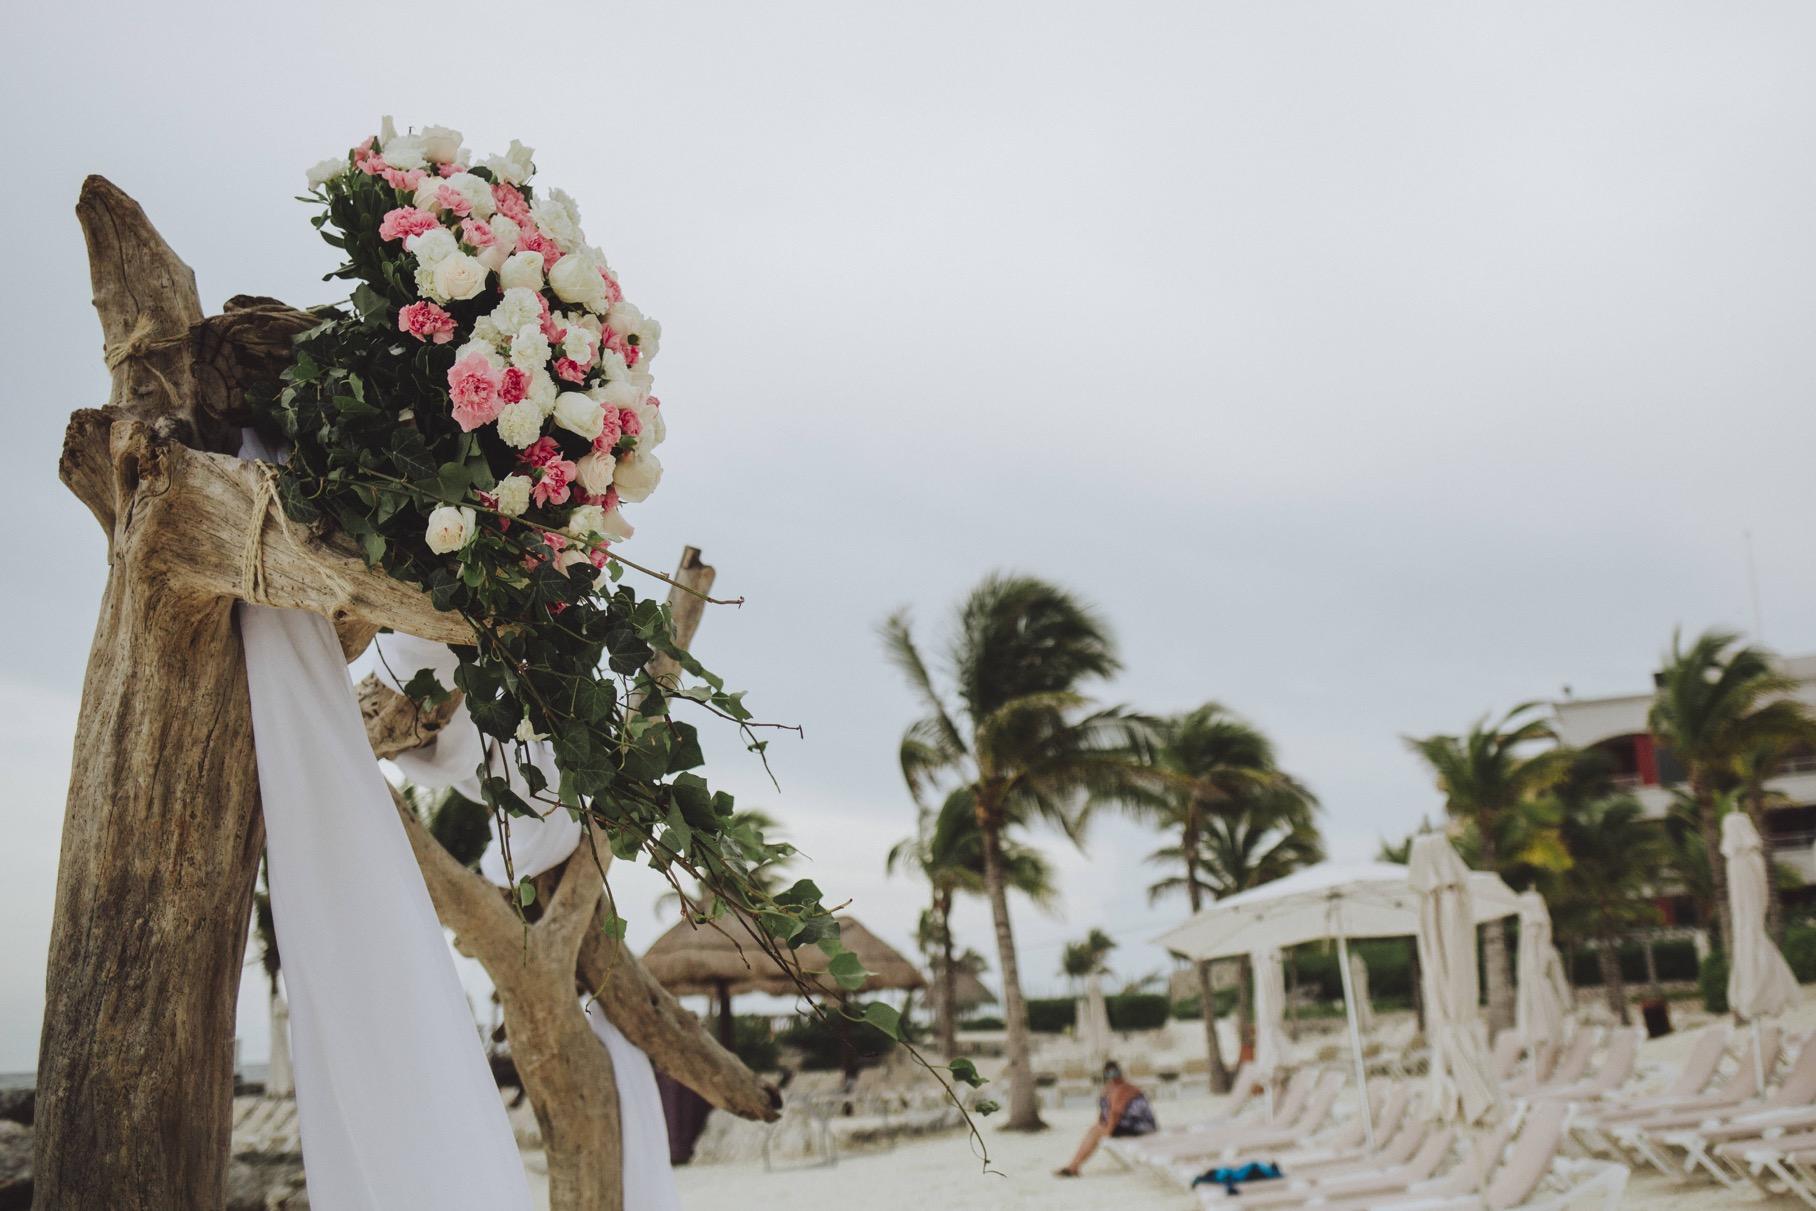 fotografo_bodas_profesional_zacatecas_riviera_maya_cancun-29